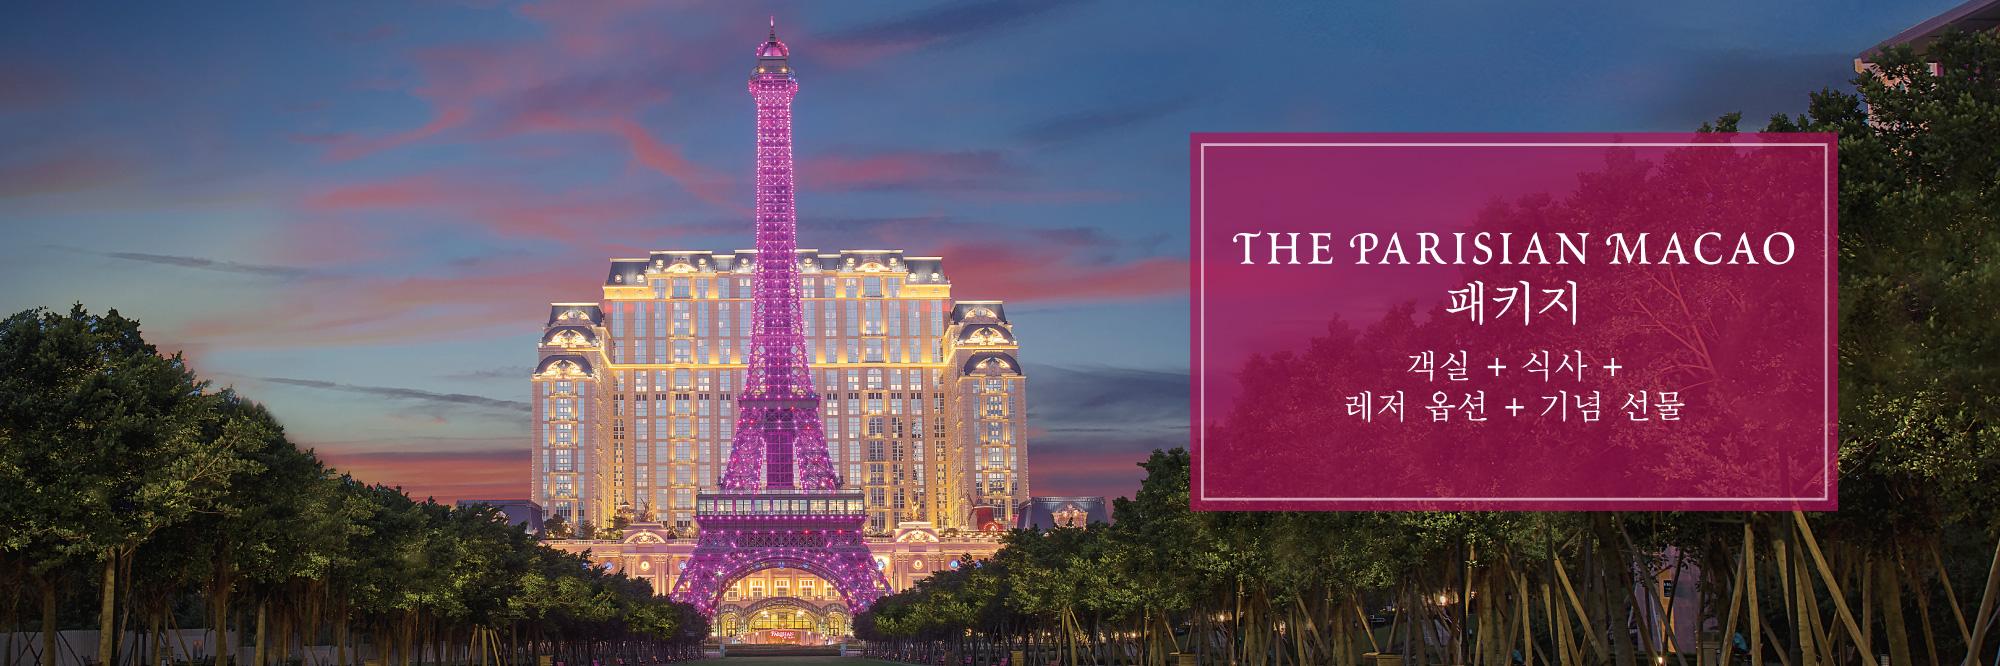 The Parisian Macao 패키지